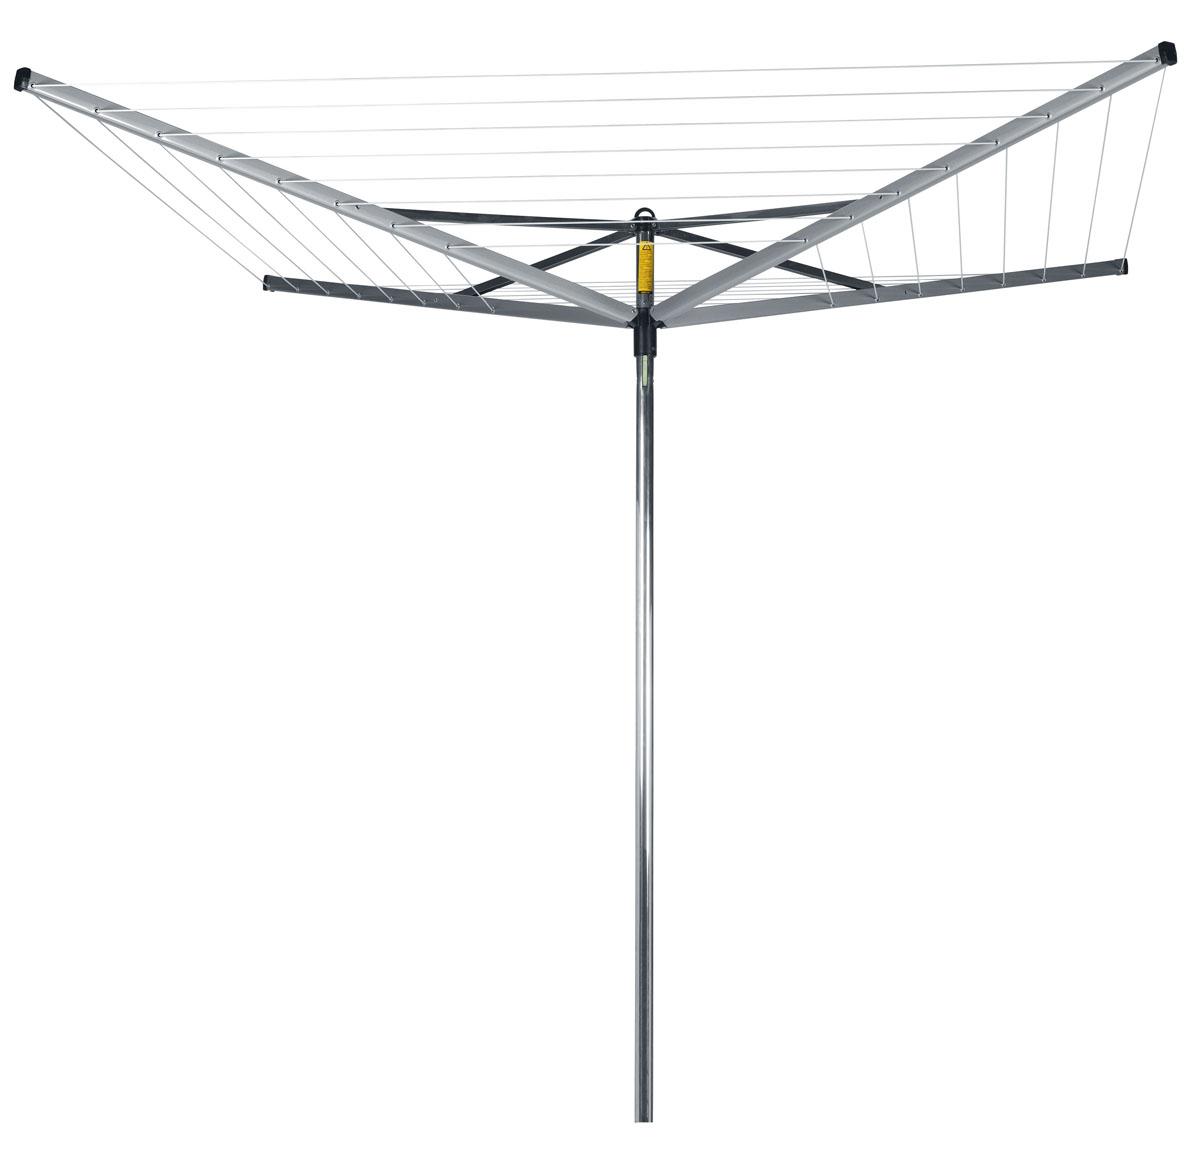 Сушилка для белья Brabantia Compact, уличная, цвет: серый, 40 м. 310669310669Навеска – 40 метров, максимальная нагрузка – 40 кг.Простой и удобный регулируемый зонтичный механизм сложения.Всегда туго натянутые веревки – регулировка натяжения в двух положениях.Бельевые веревки устойчивы к действию УФ и имеют нескользящий профиль.При необходимости удобная замена каждой веревки по отдельности.На всех направляющих предусмотрены специальные отверстия для плечиков.Удобна в хранении – прочная петелька для подвешивания.В комплекте: пластиковое основание для установки в грунт с закрывающимсяотверстием (диаметр 35 см).Отдельно предлагается металлическое основание для установки в грунт, а такжечехол.